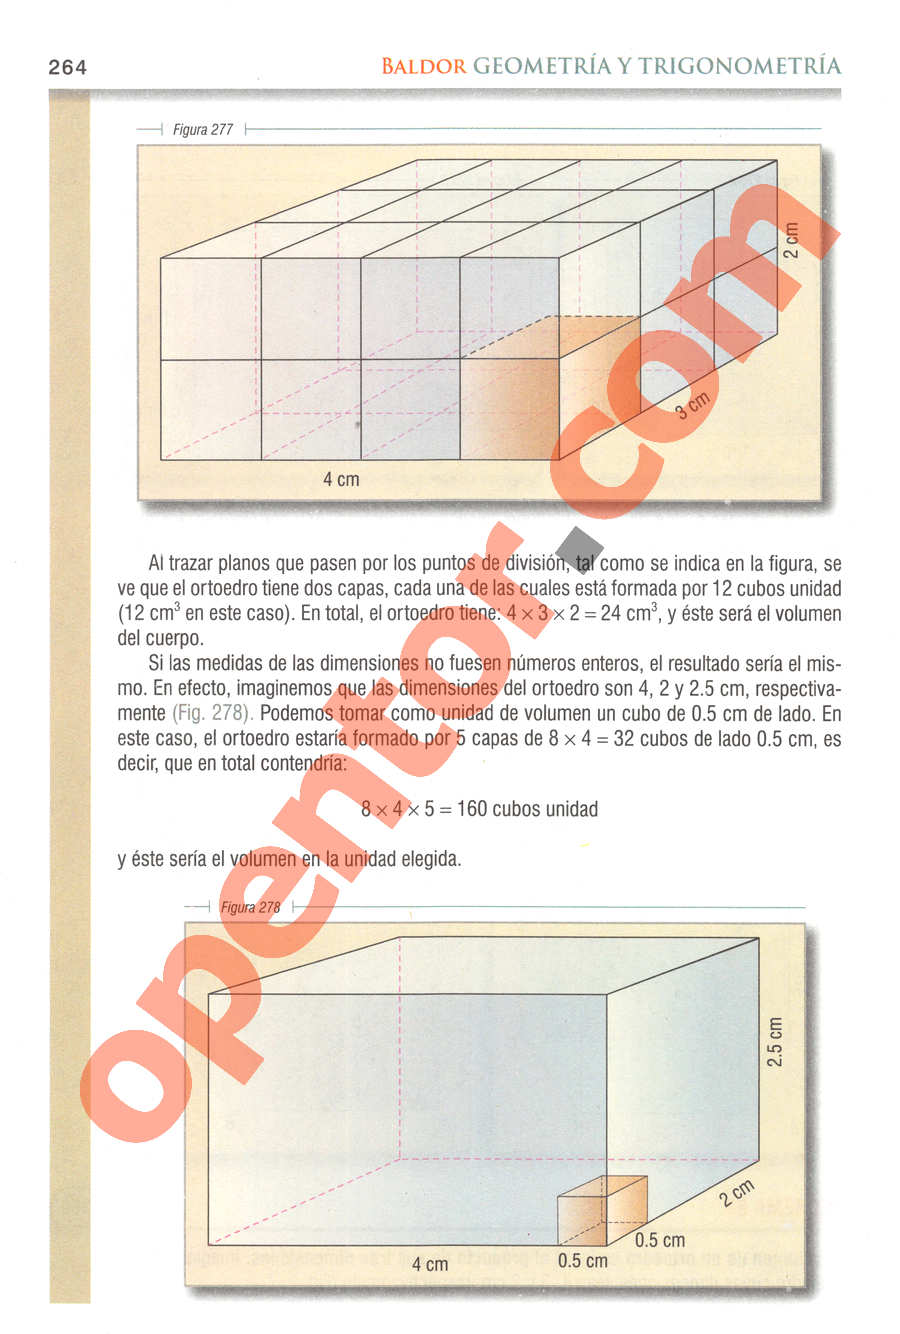 Geometría y Trigonometría de Baldor - Página 264